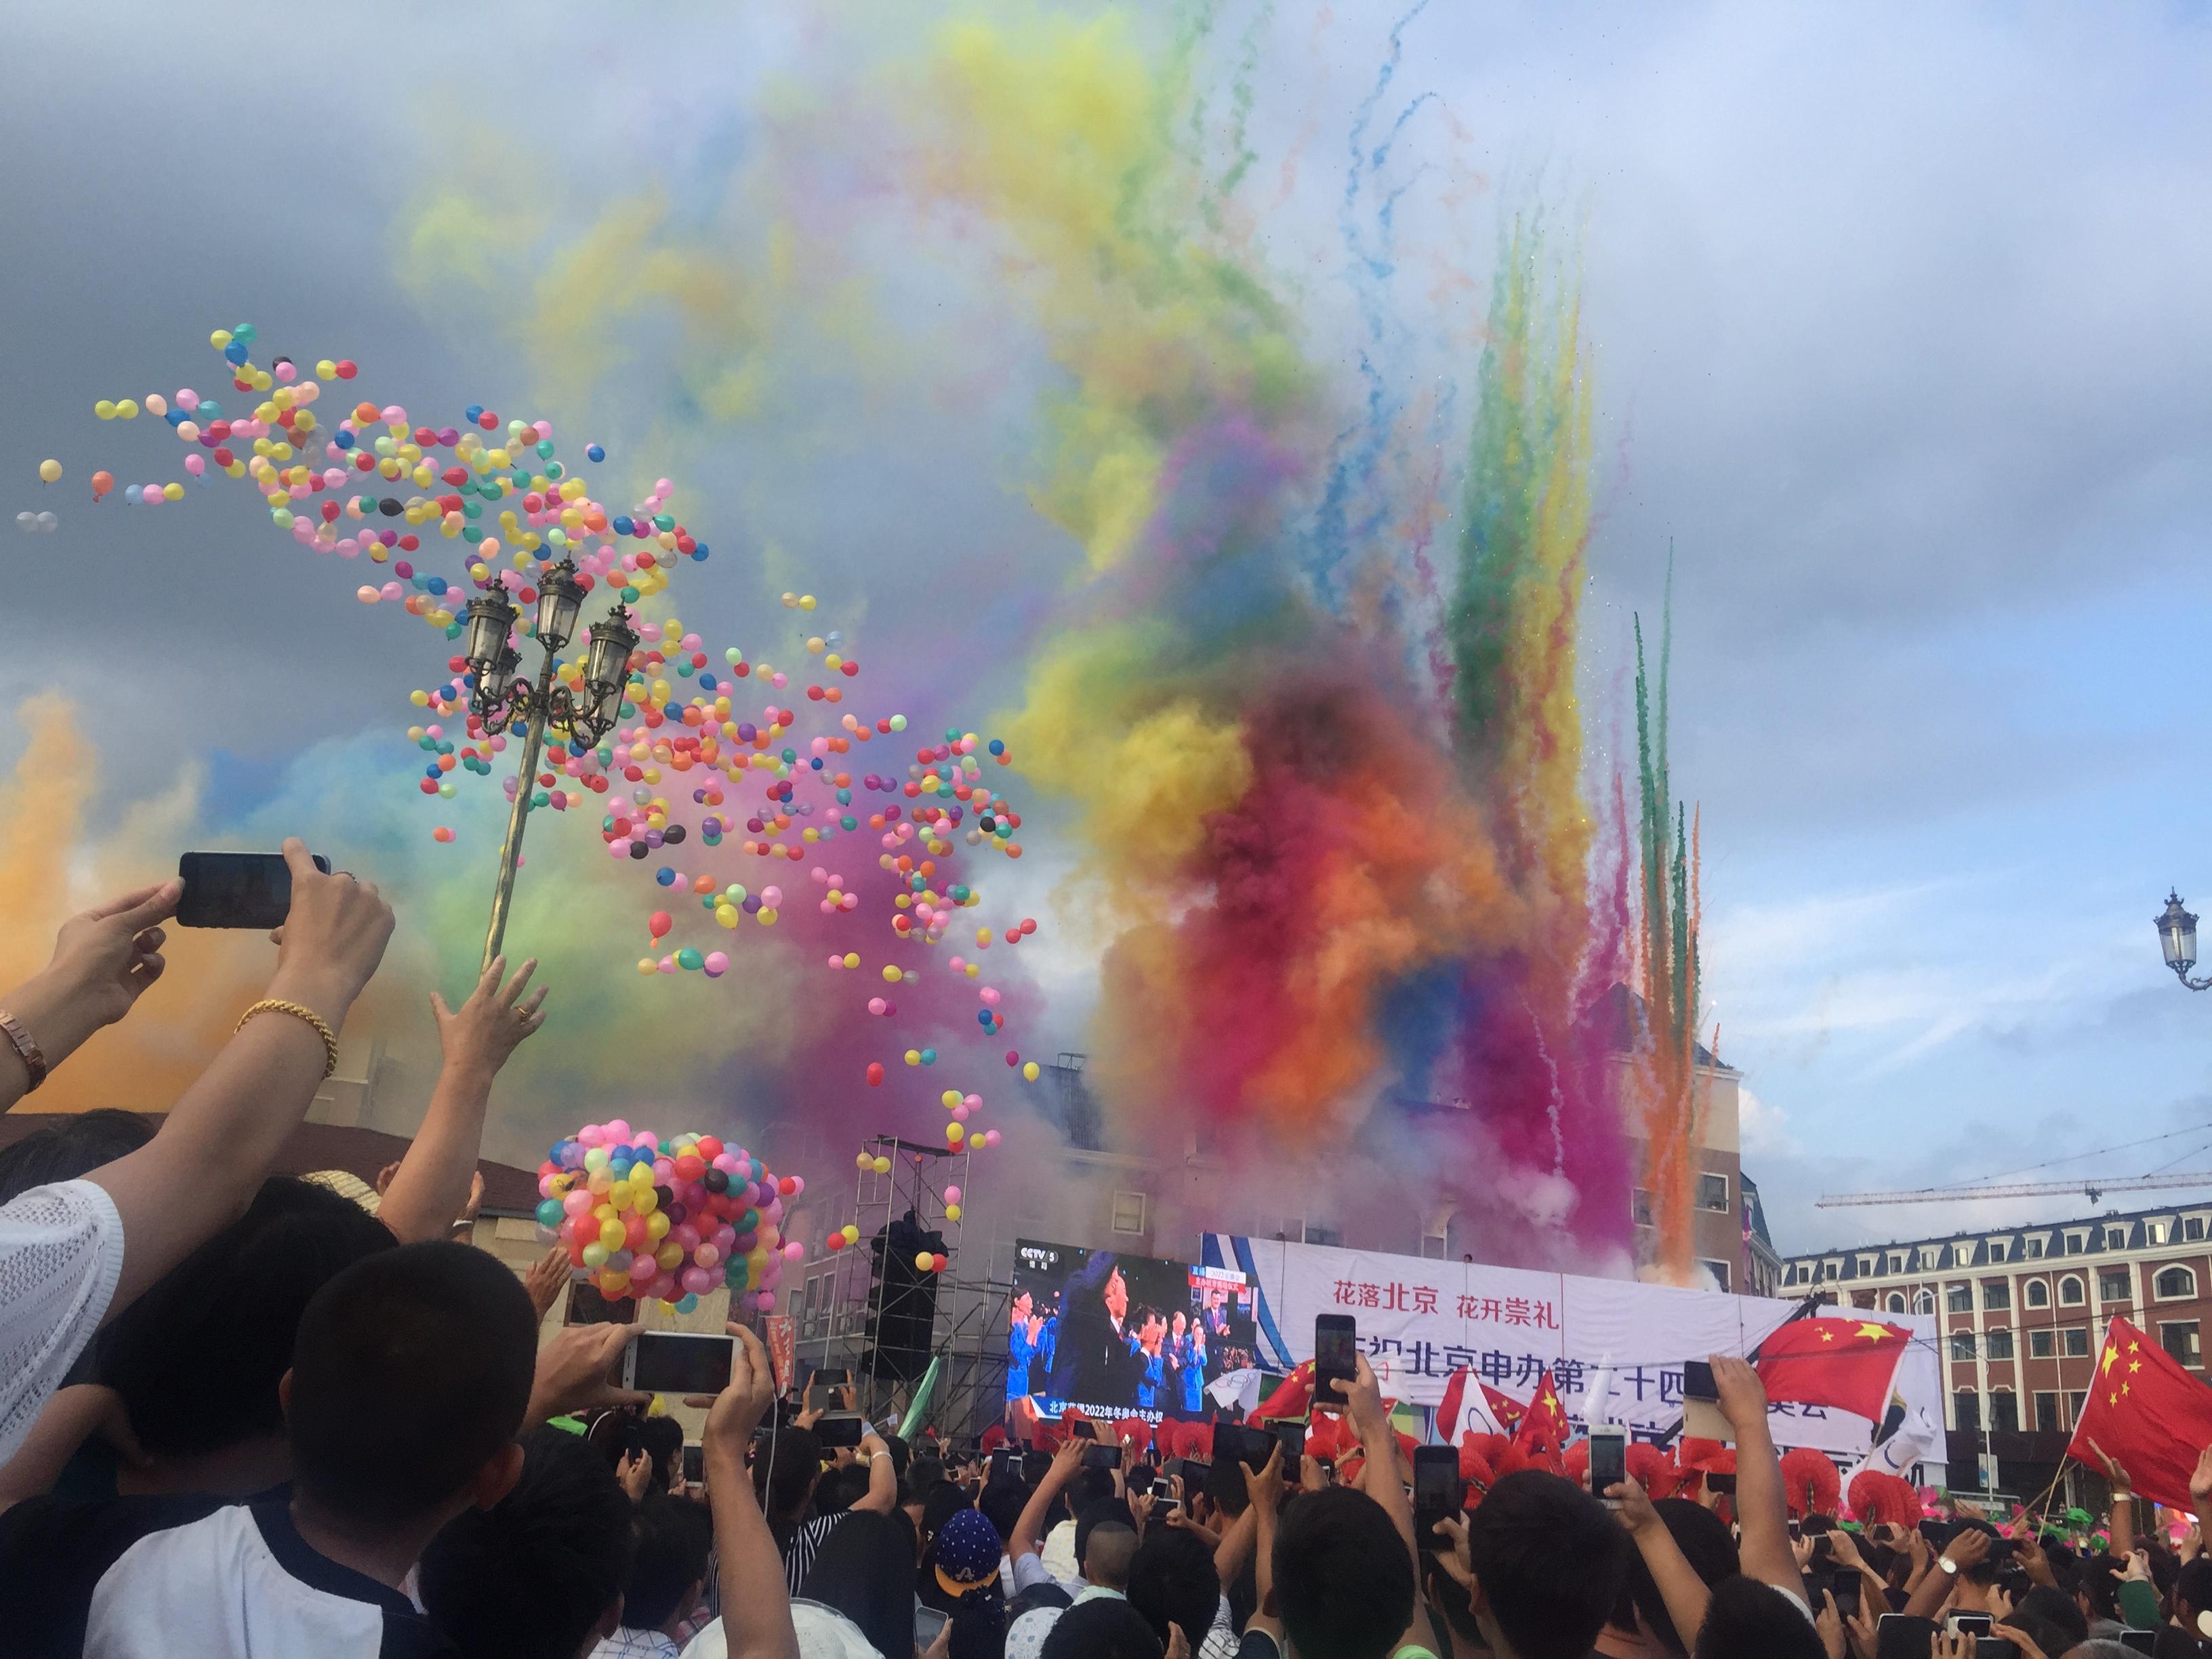 北京赢得2022年冬奥会主办权